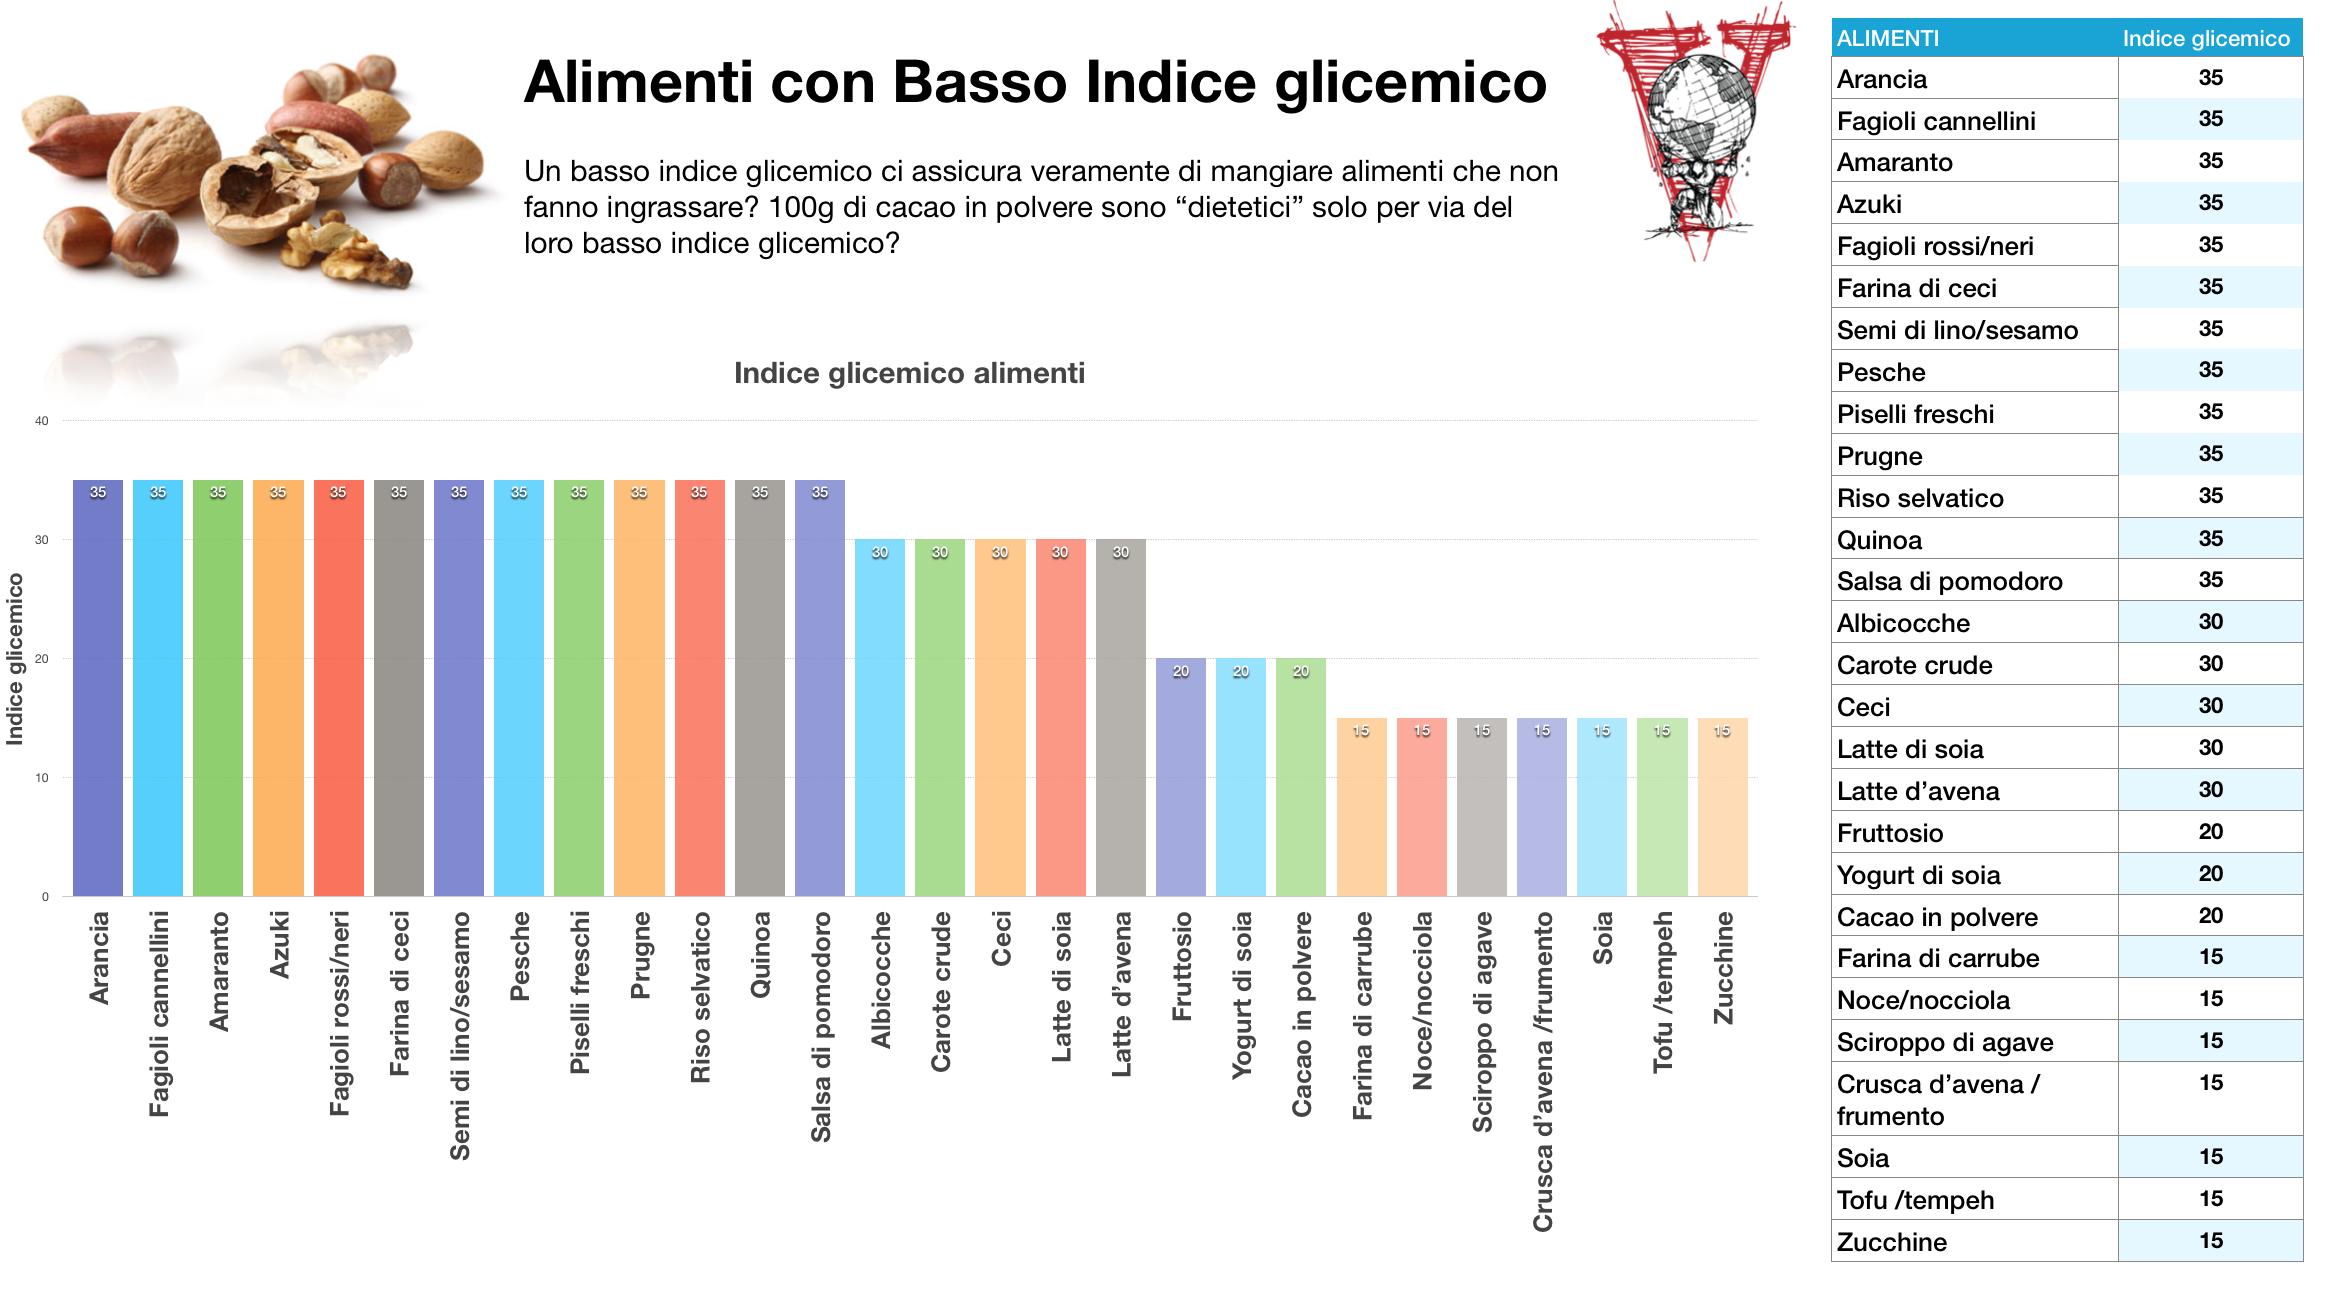 Alimenti basso indice glicemico